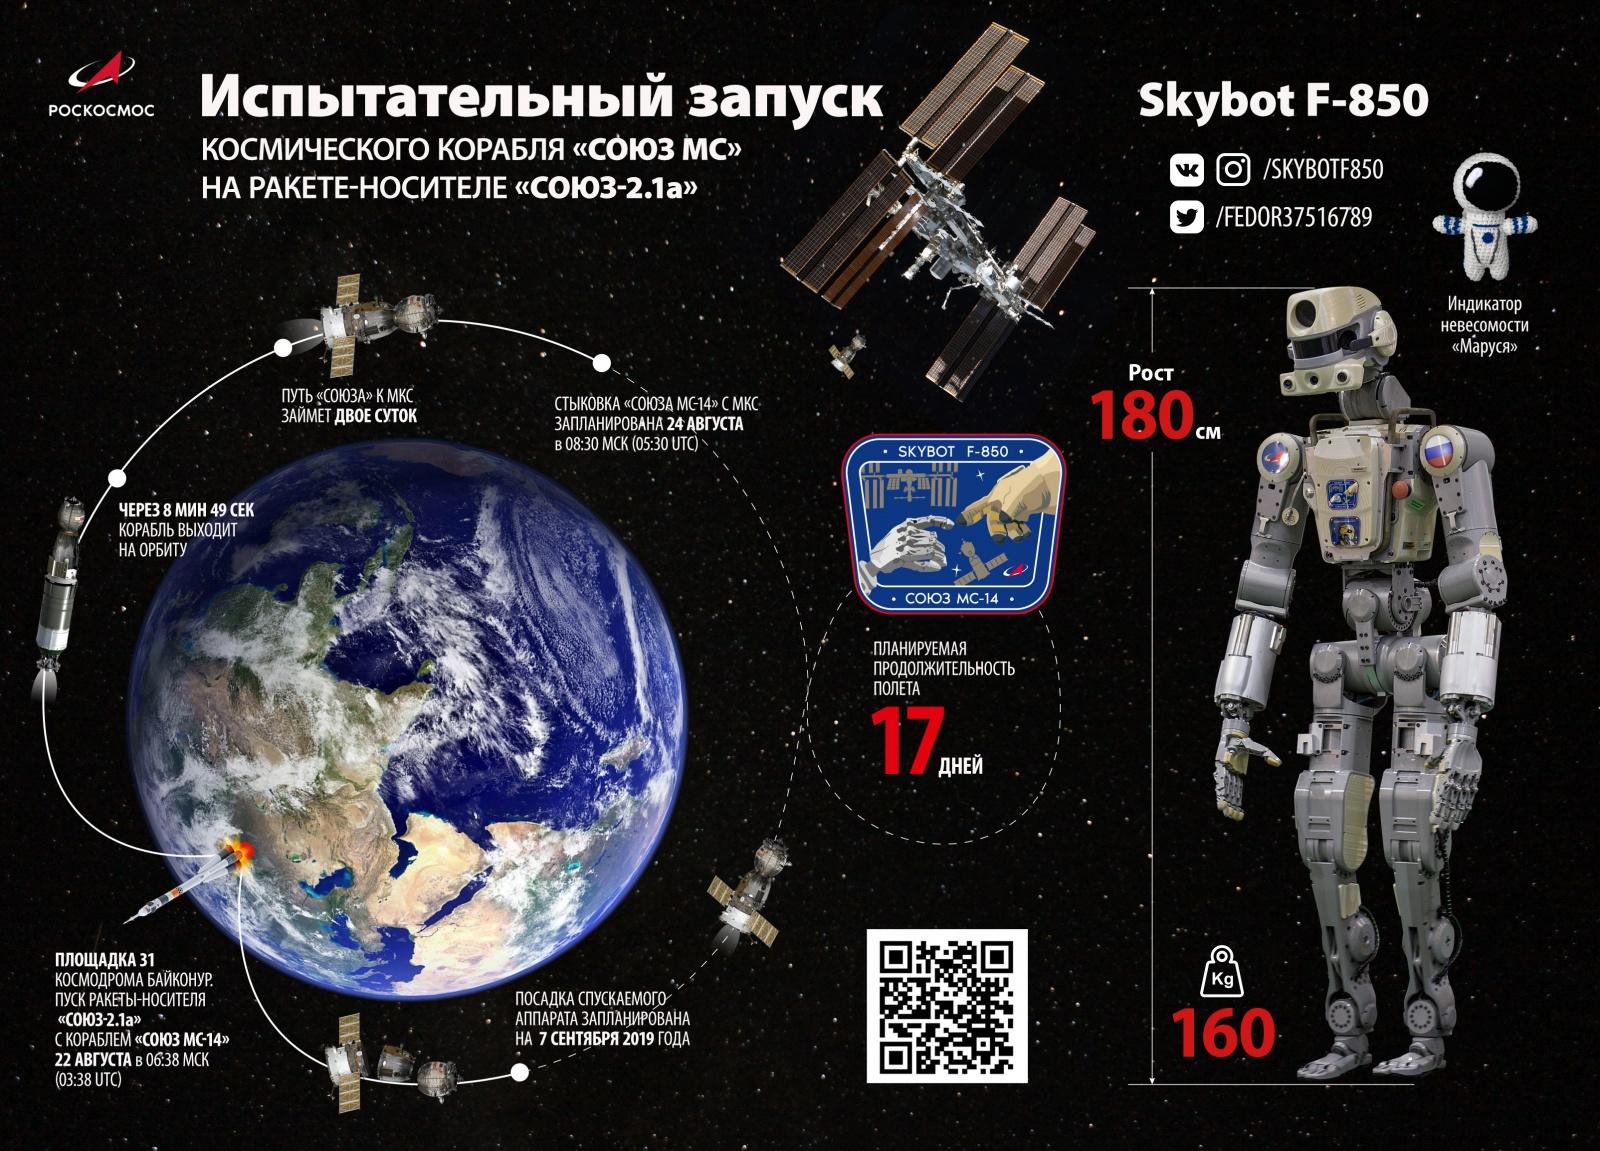 Успешно запущен на орбиту корабль «Союз МС-14» с роботом FEDOR (Skybot F-850) - 5